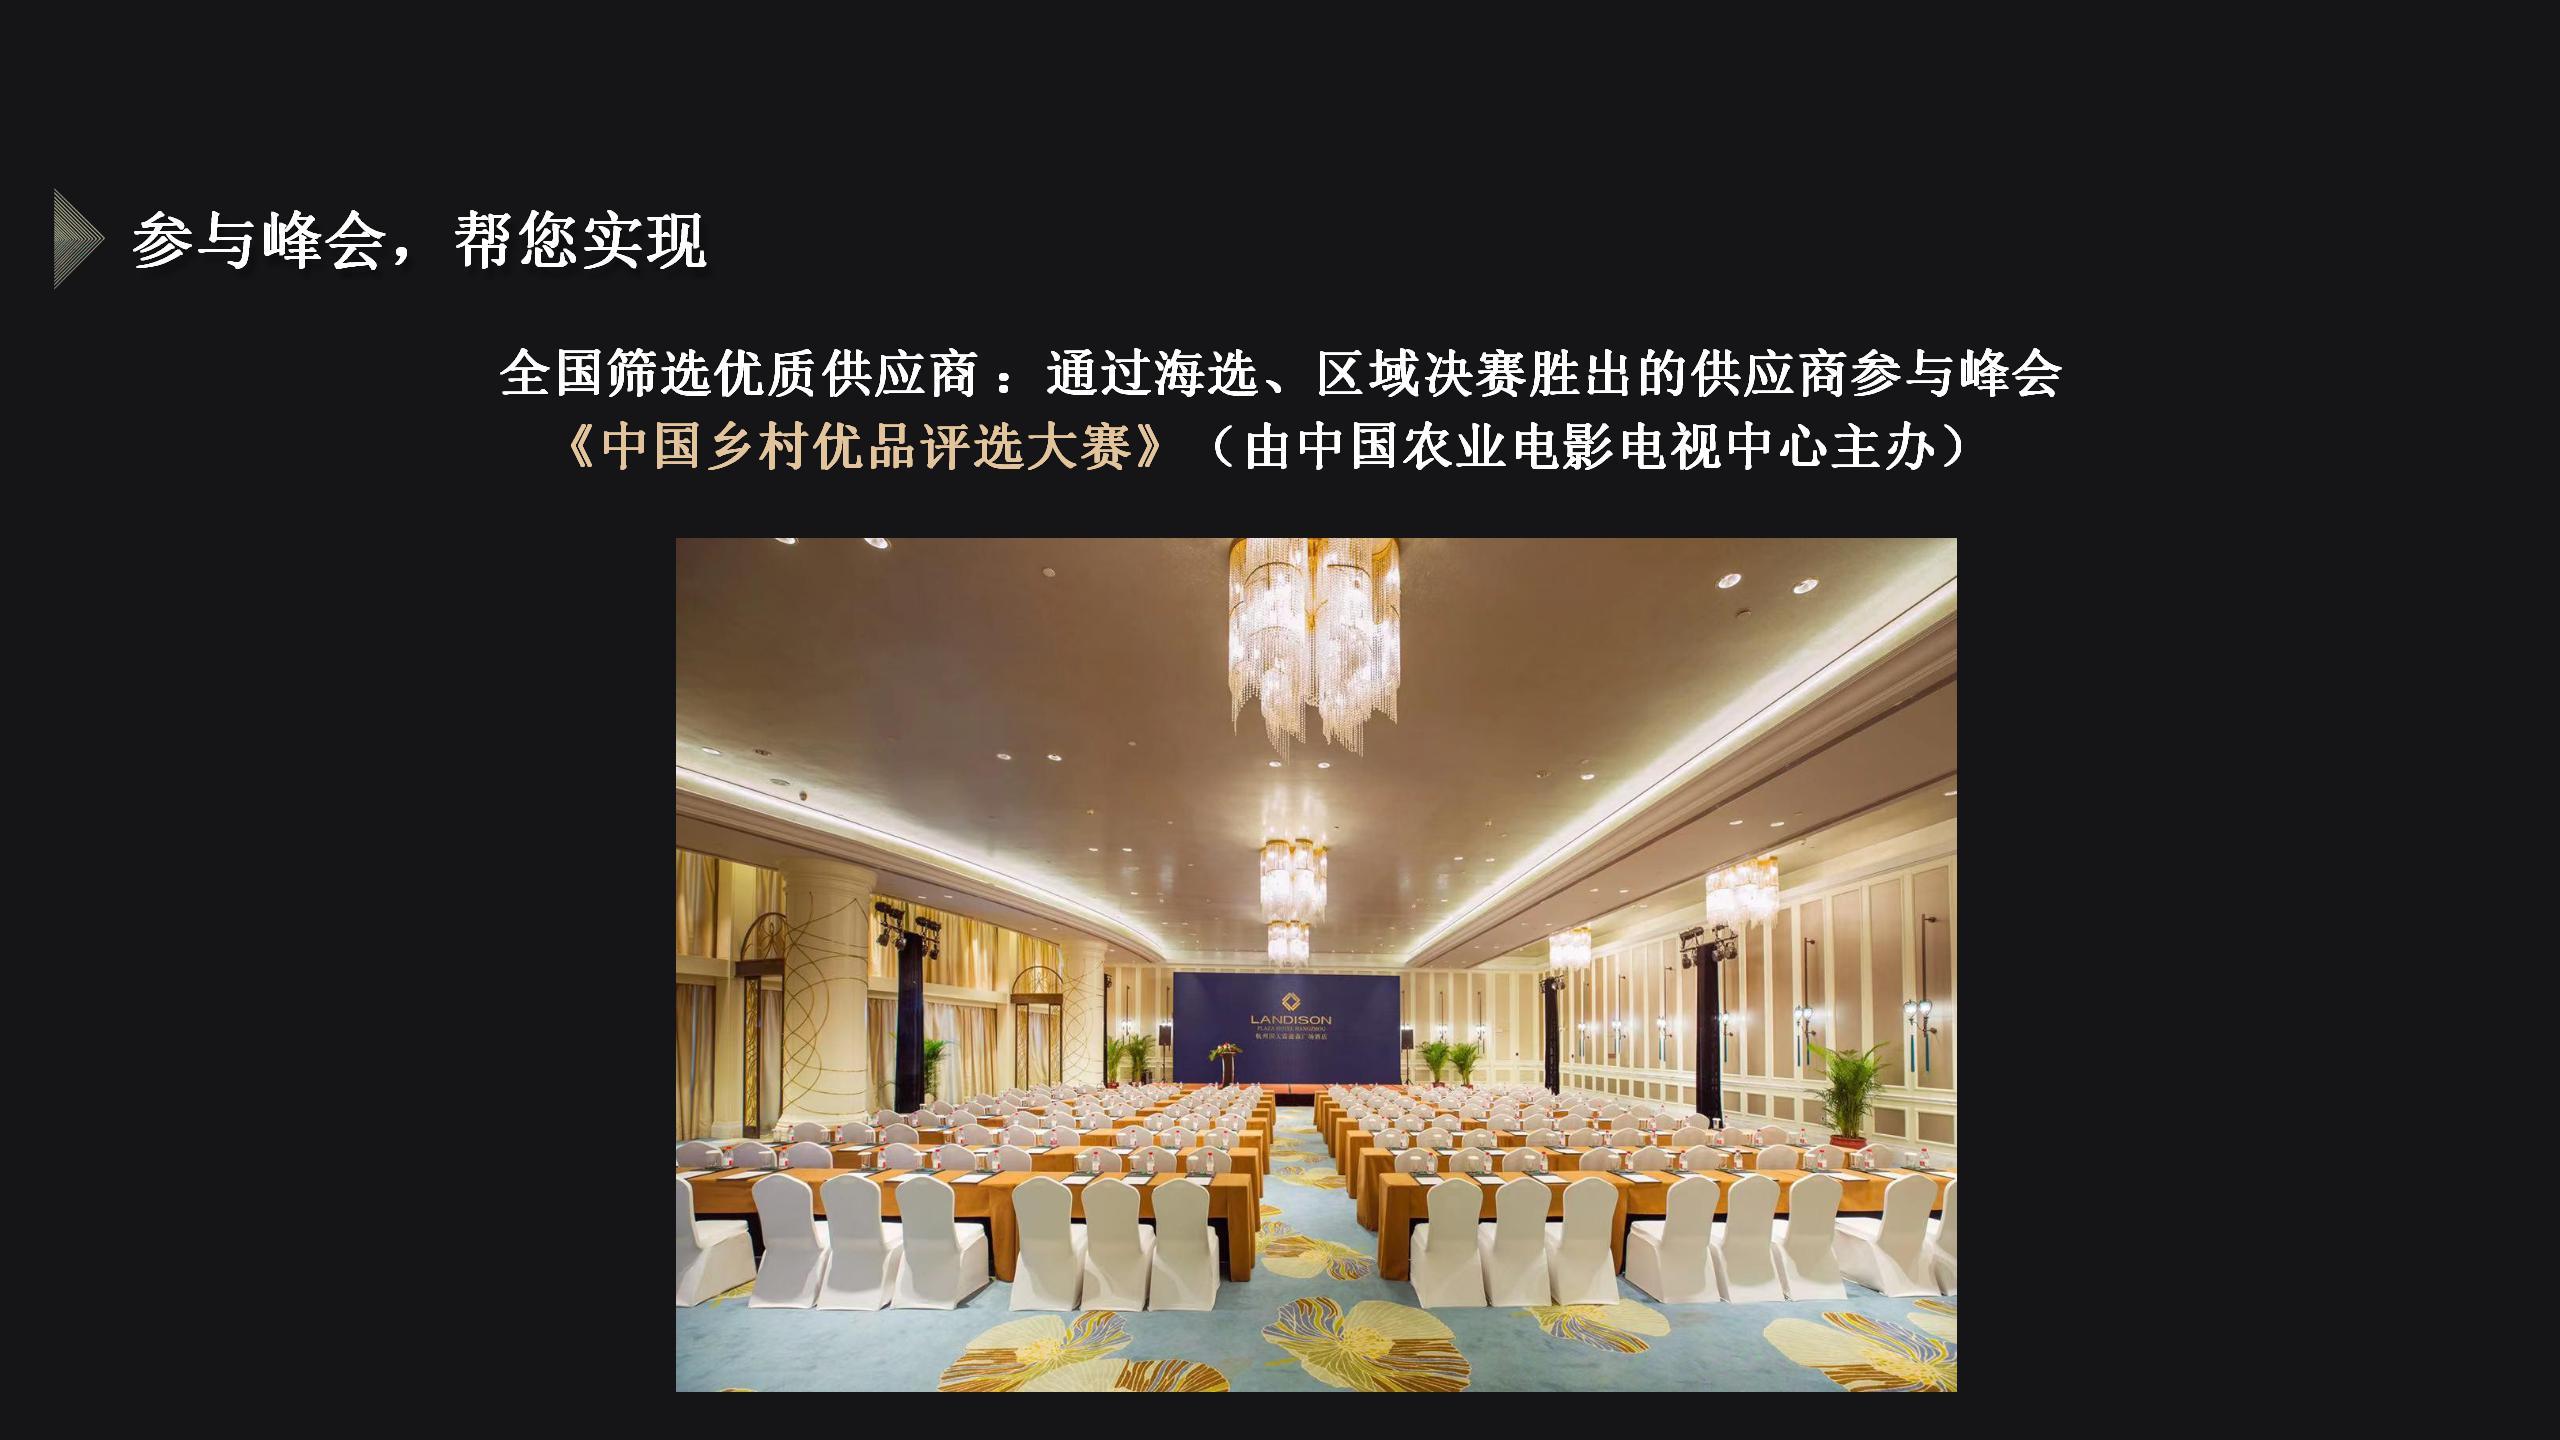 2020 中国乡村优品 · 全国知名采购商资源对接峰会